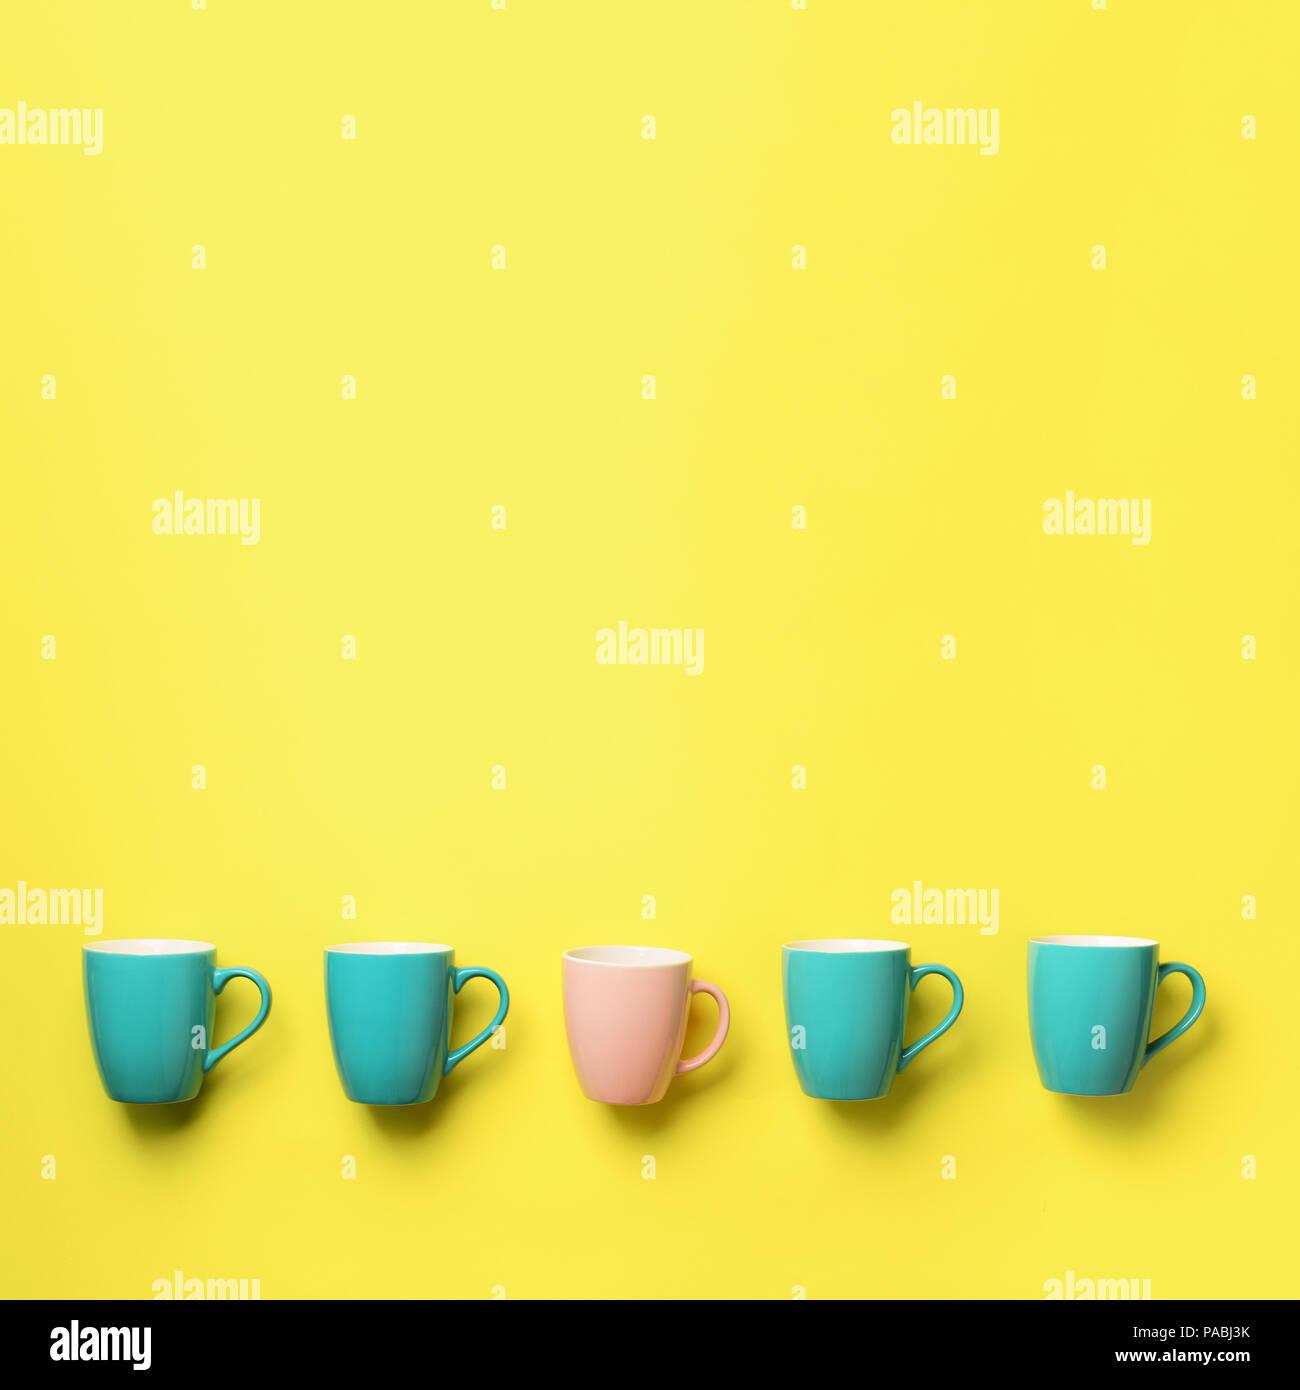 Muster Von Blau Und Rosa Tassen Auf Gelben Hintergrund Platz Crop